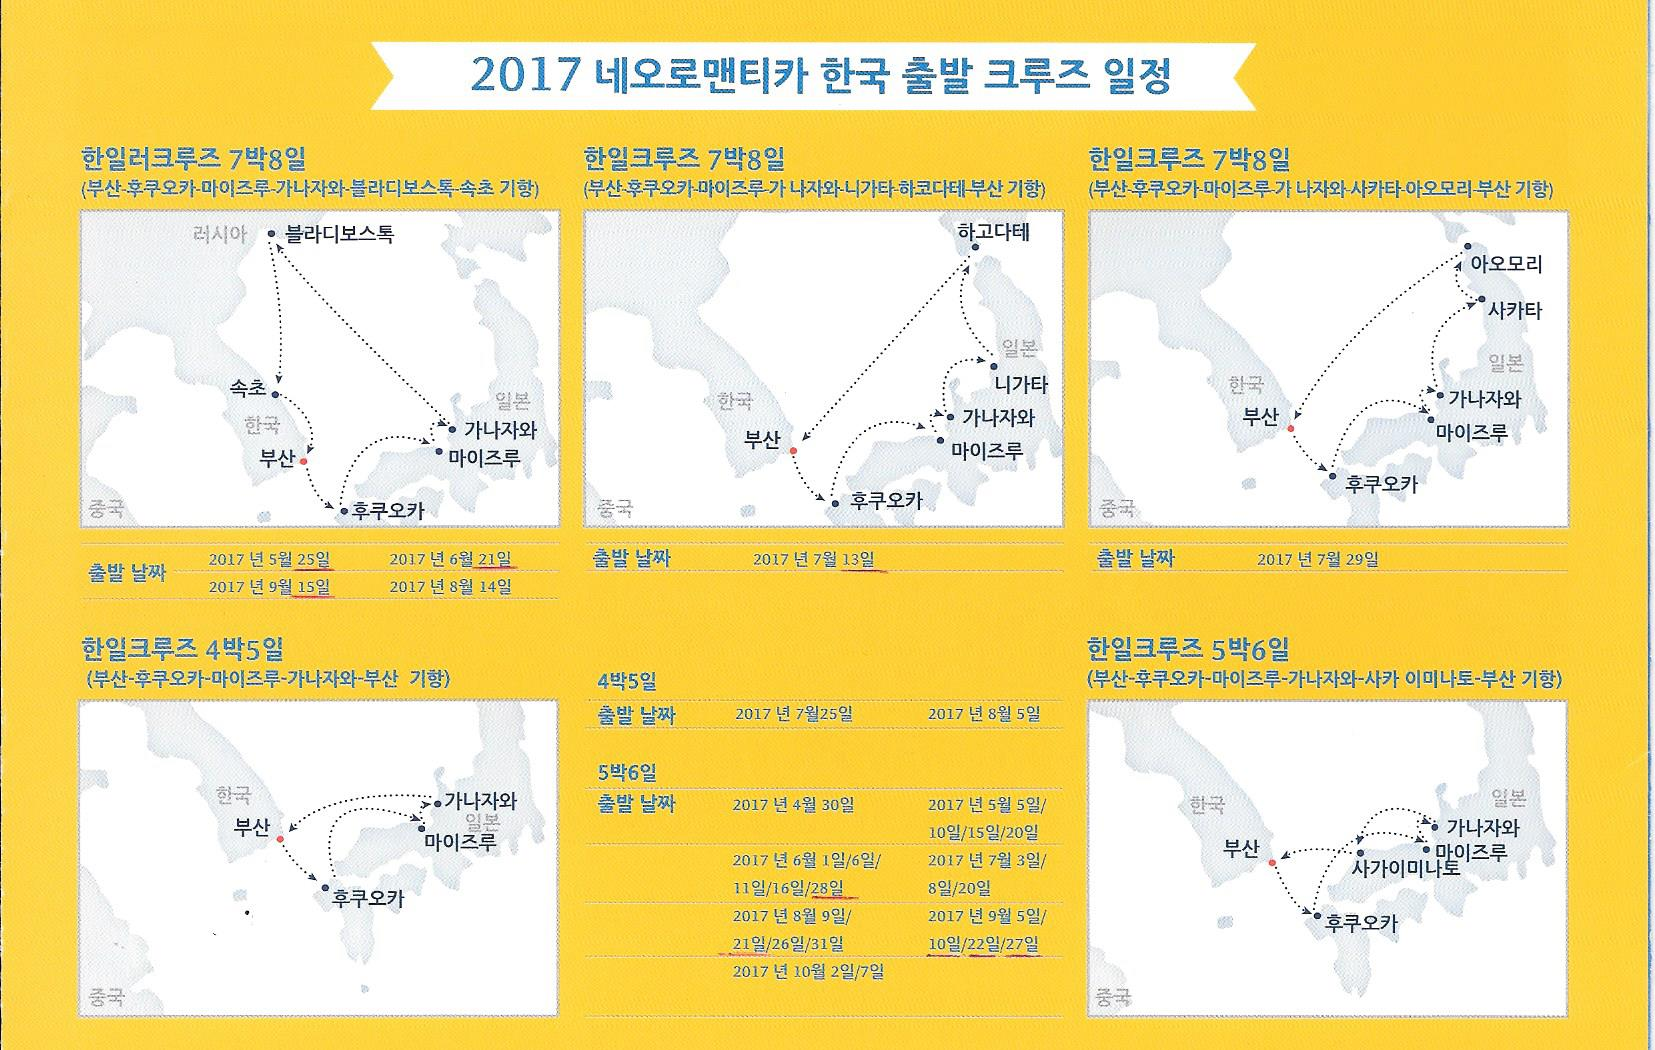 네오로맨티카 2017년 일정.jpg